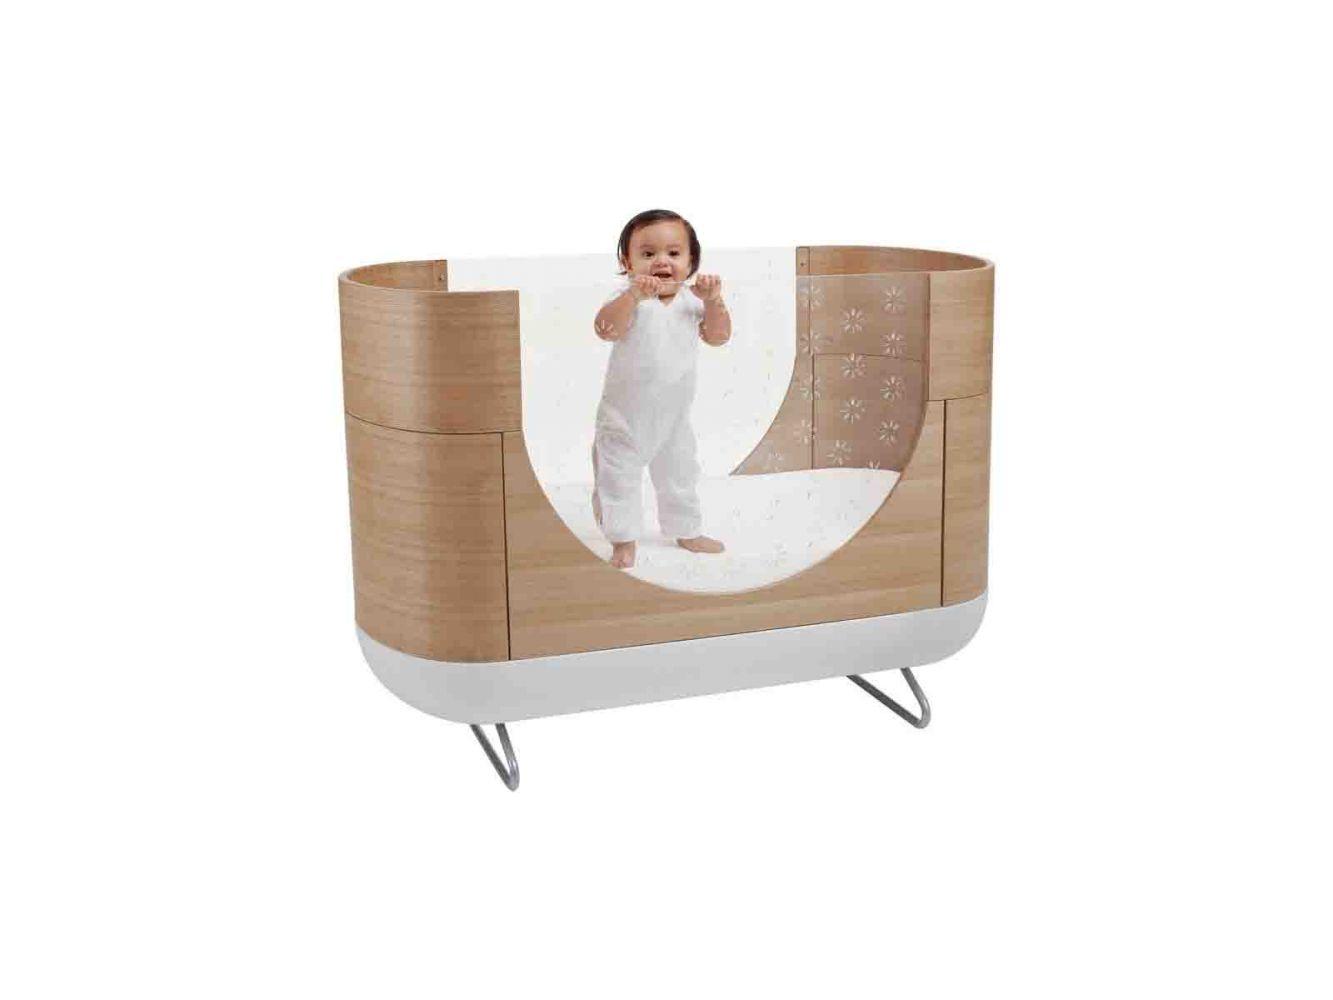 lit design pour enfant modulable pod meuble et d coration marseille mobilier design. Black Bedroom Furniture Sets. Home Design Ideas